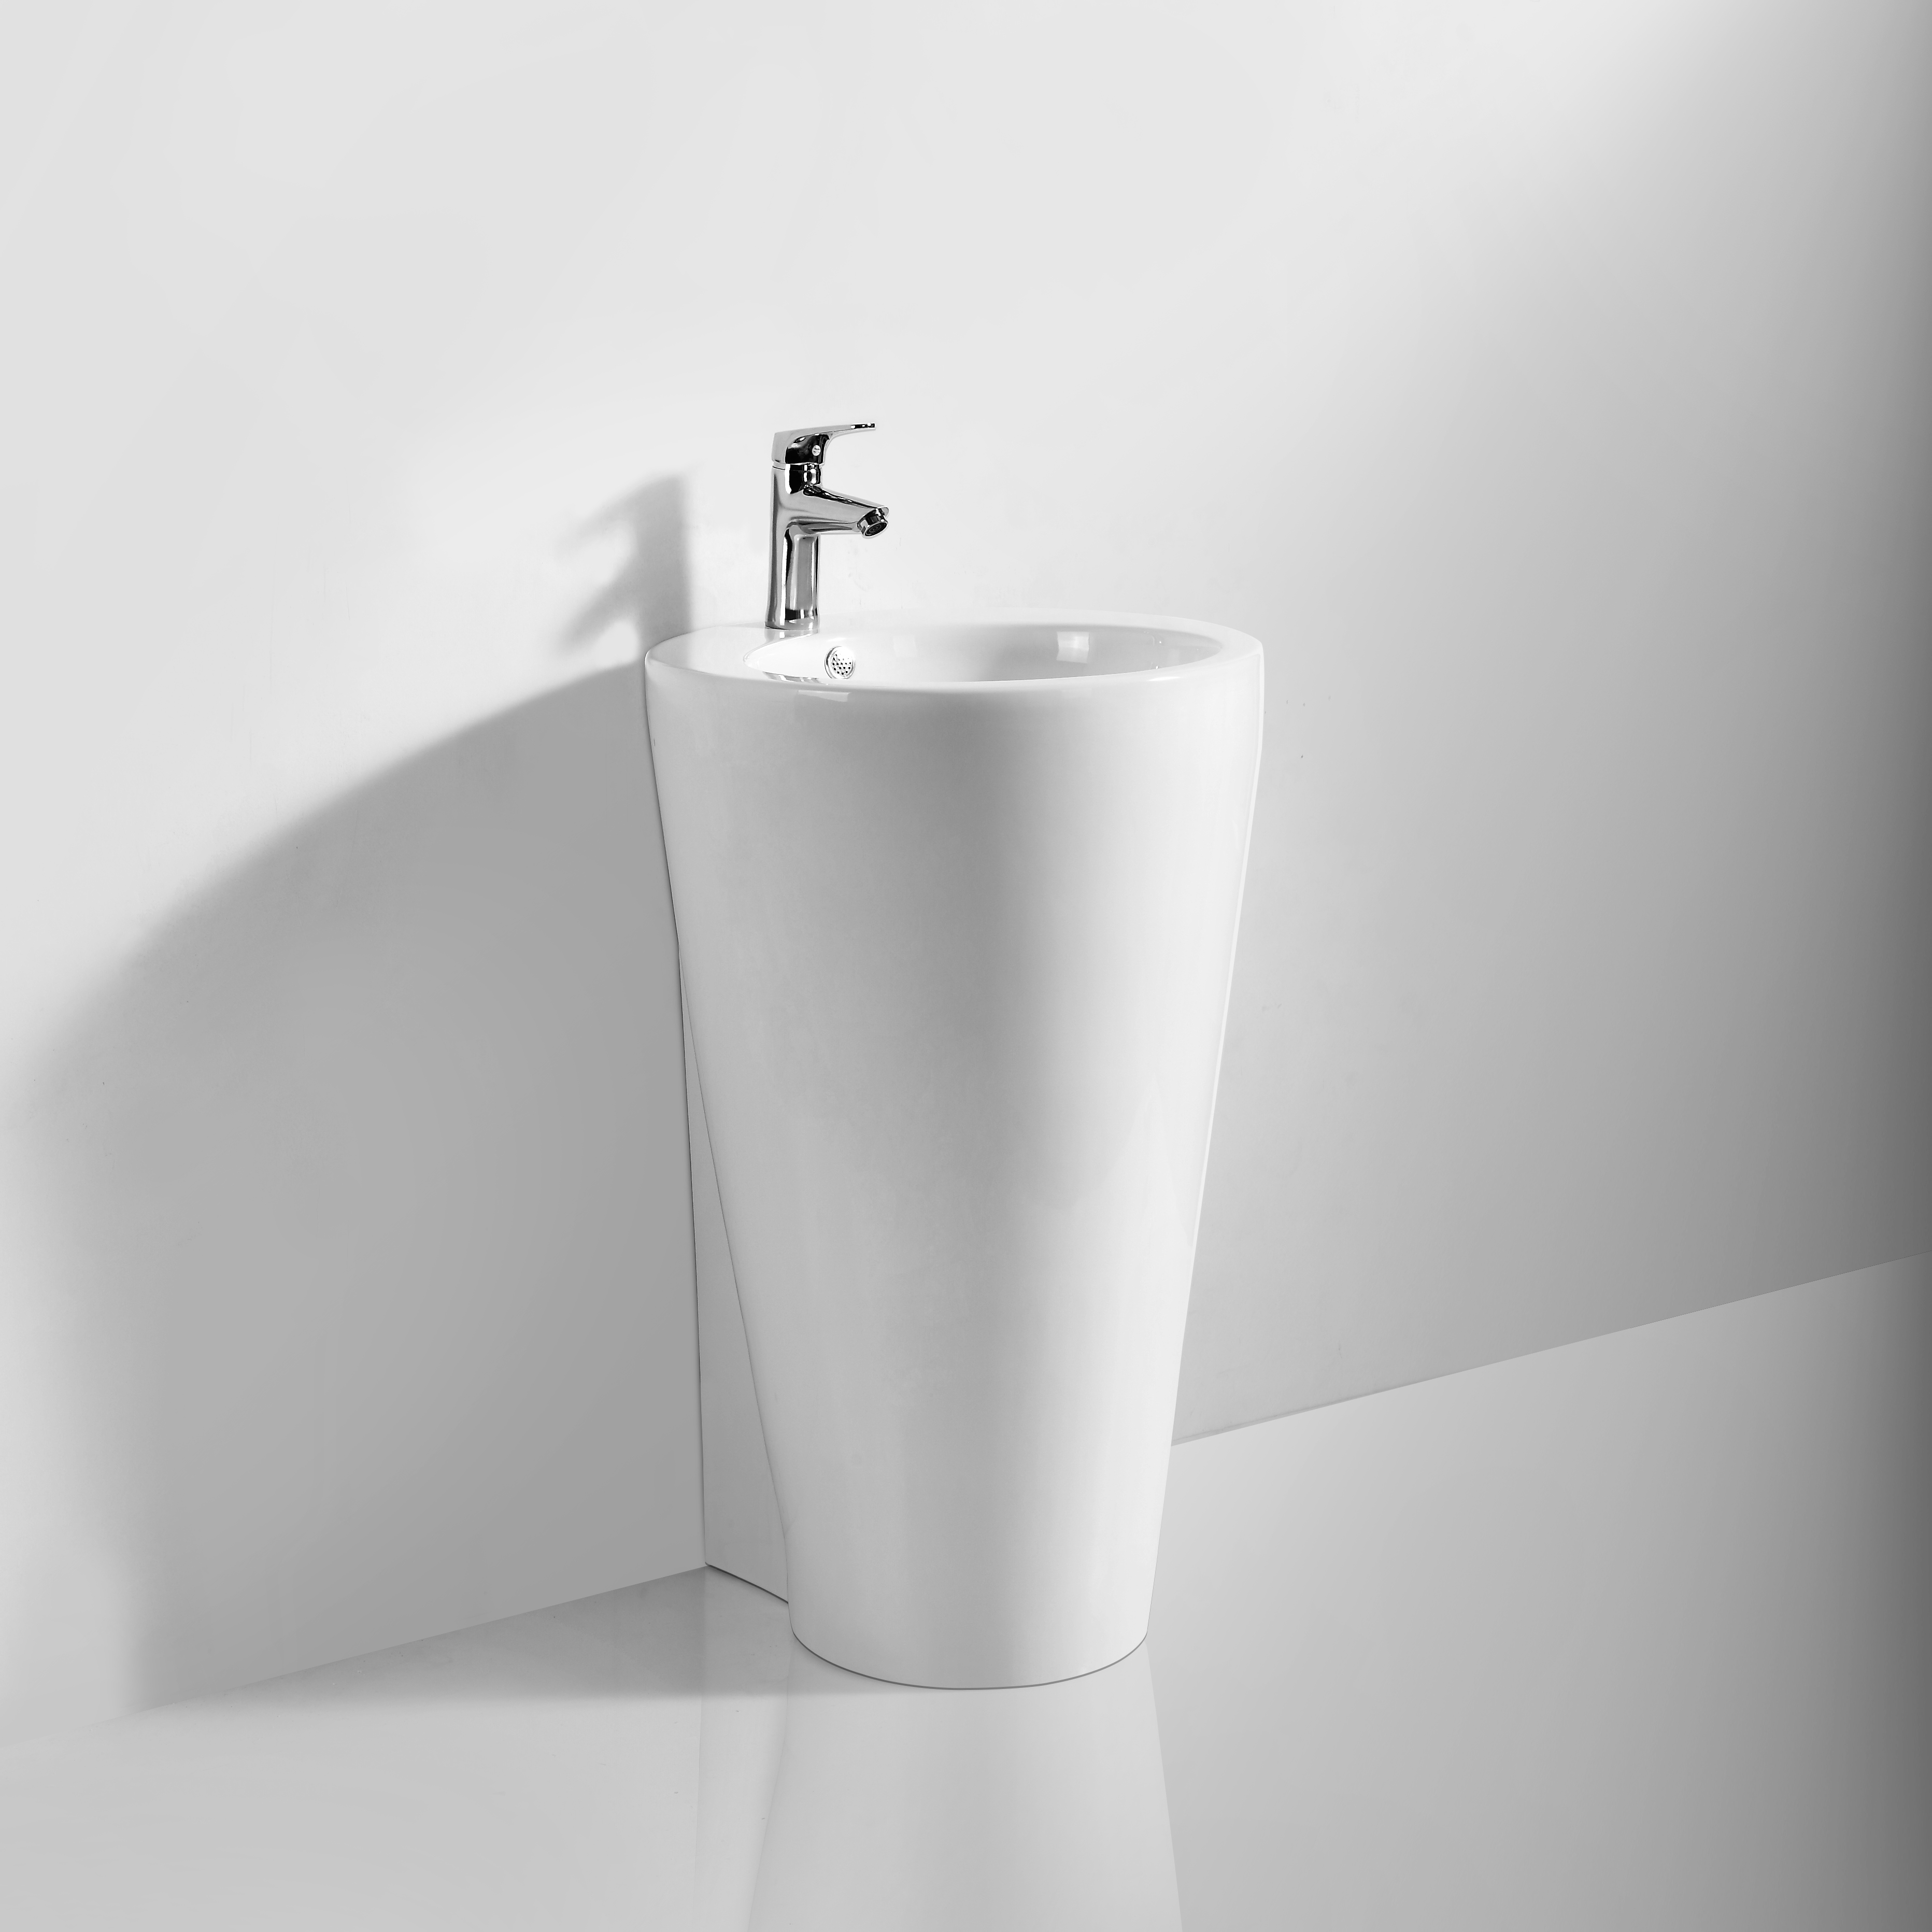 Modello di lavabo in ceramica filo muro a pavimento